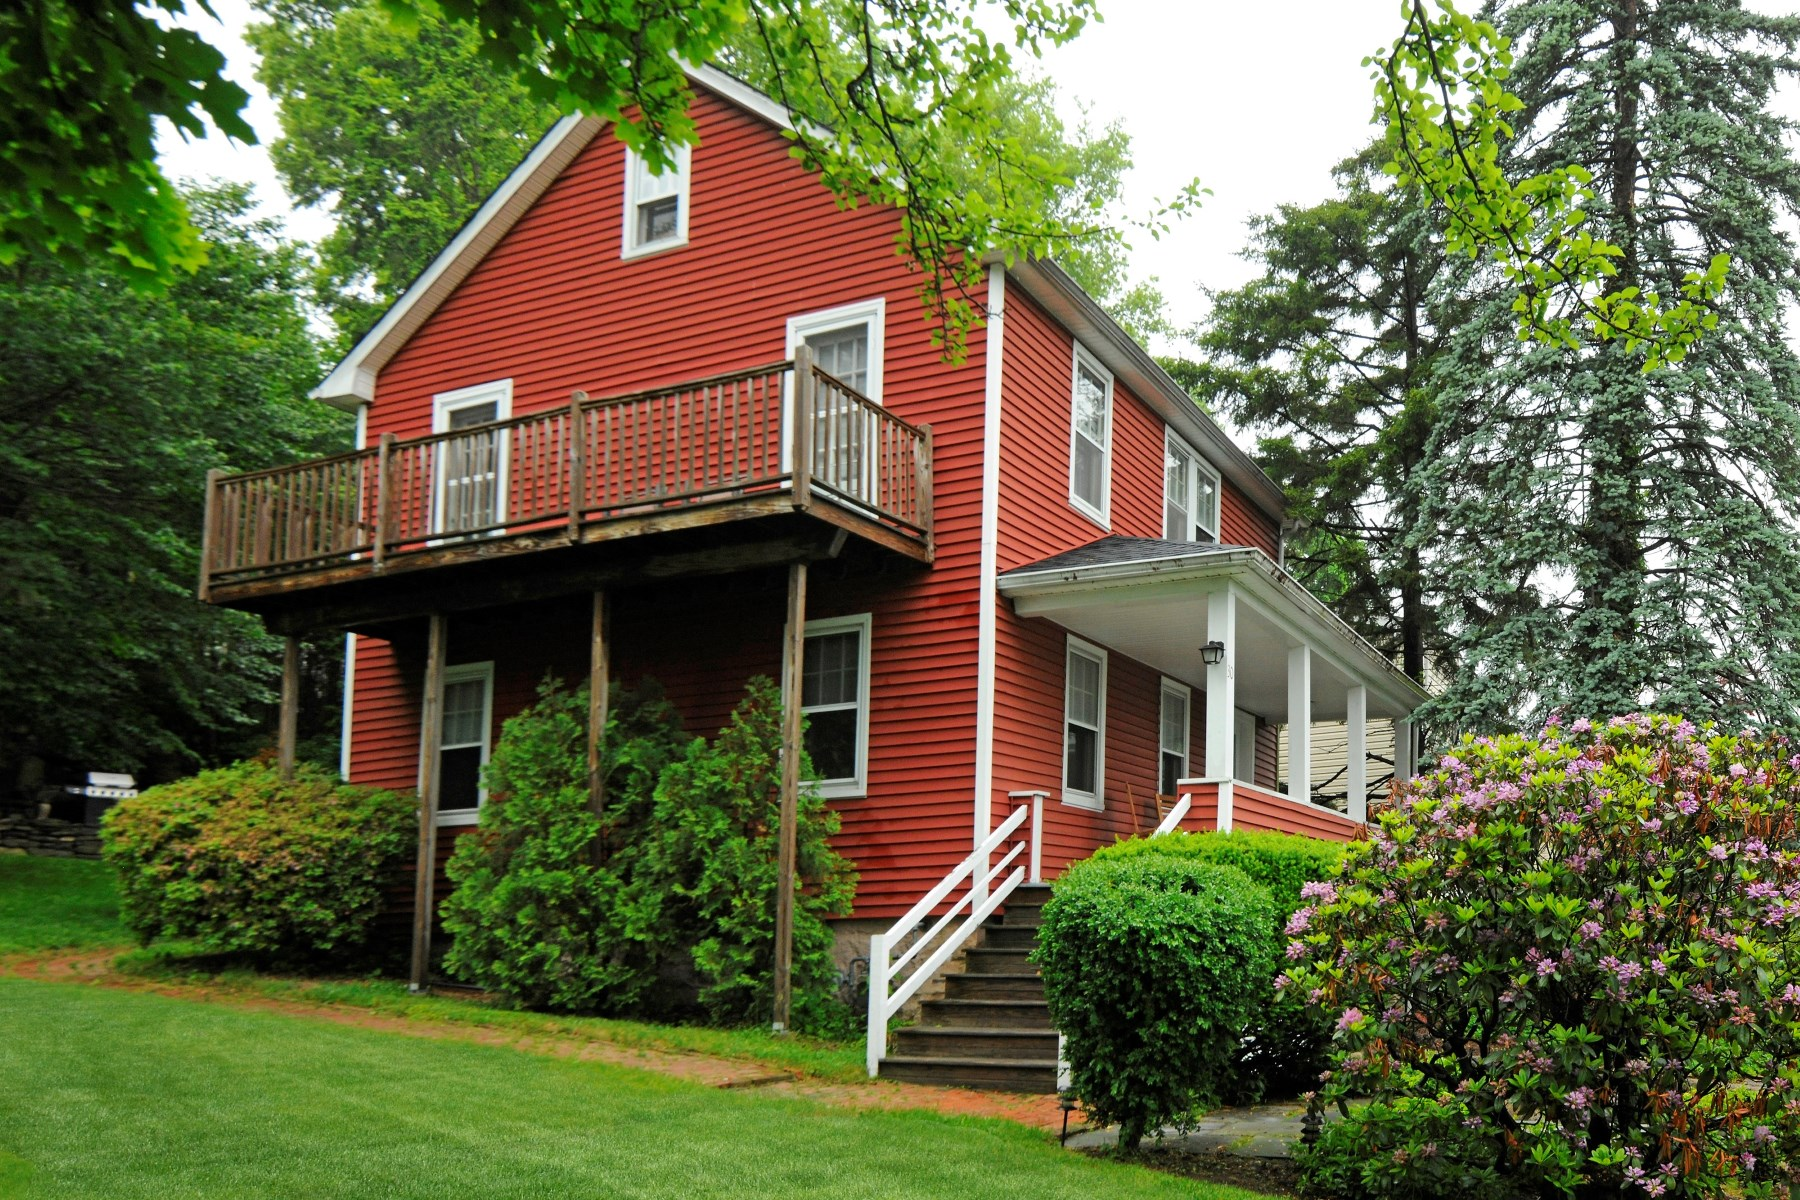 独户住宅 为 销售 在 Glenville Gem 30 Nicholas Avenue Greenwich, 康涅狄格州 06831 美国